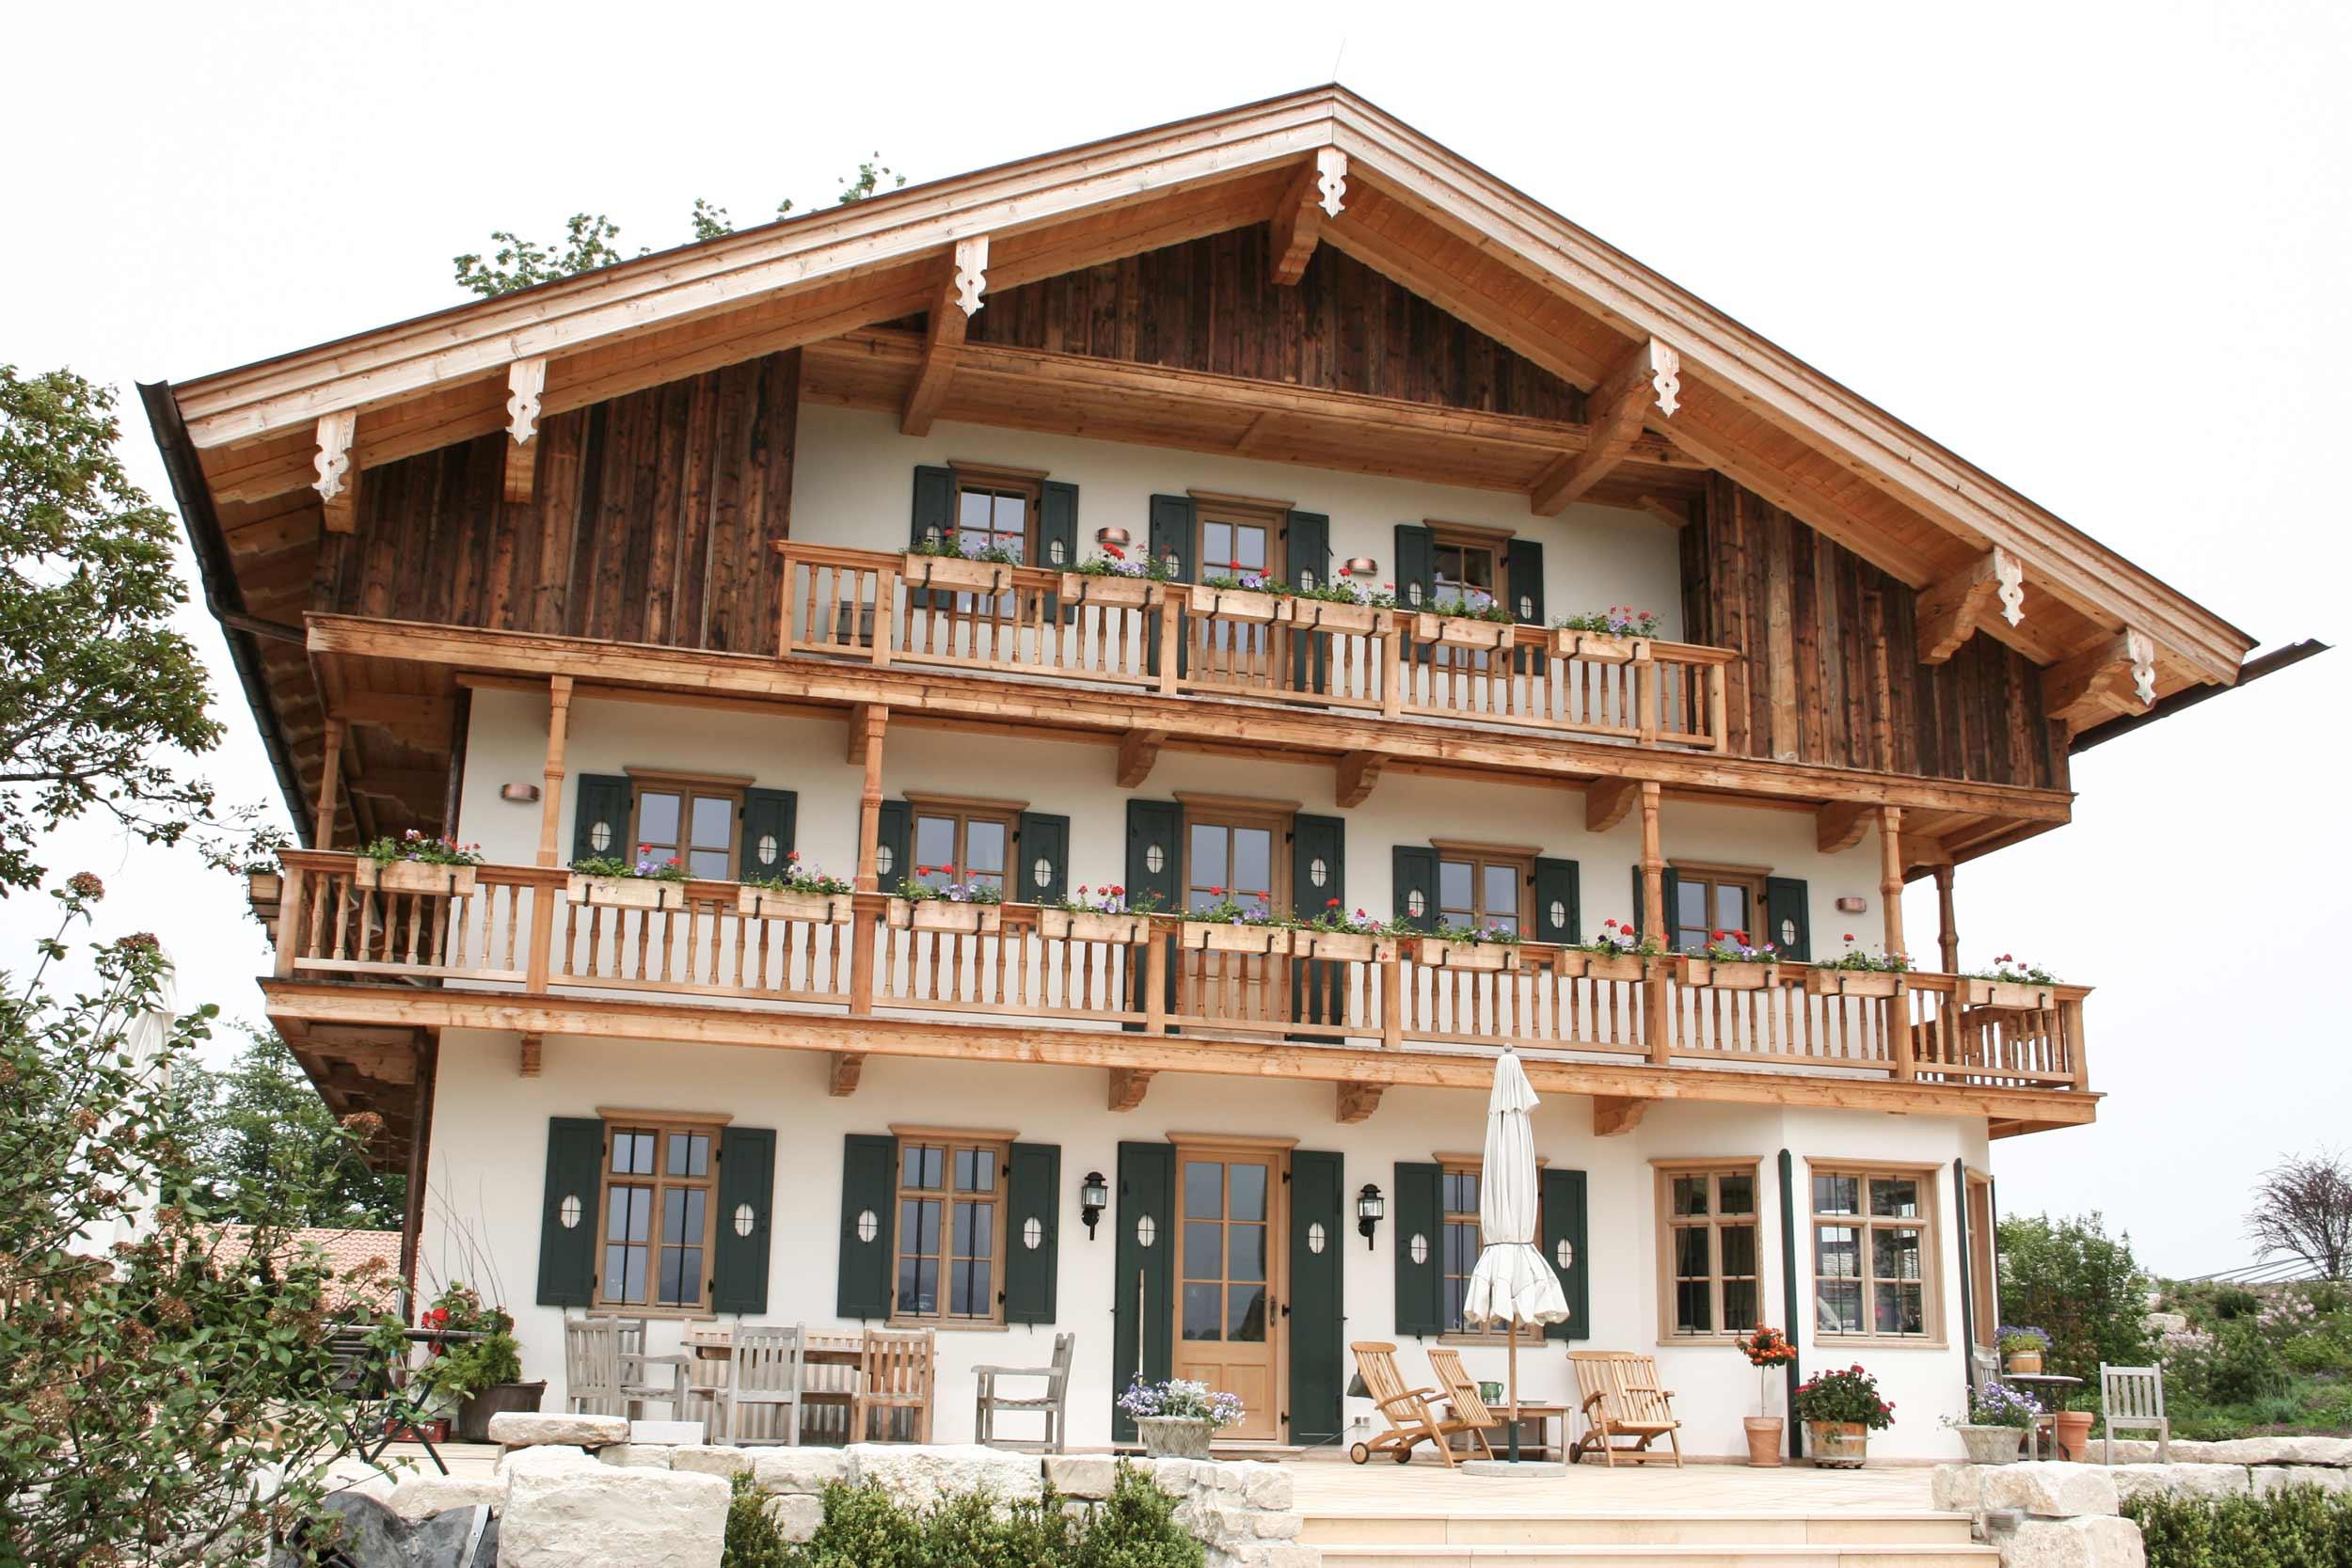 zimmerei-stoib-holzbau-holzhaus-bauernhof-umbau-sanierung-hof-balkon-fensterläden-schindeldach-05.jpg